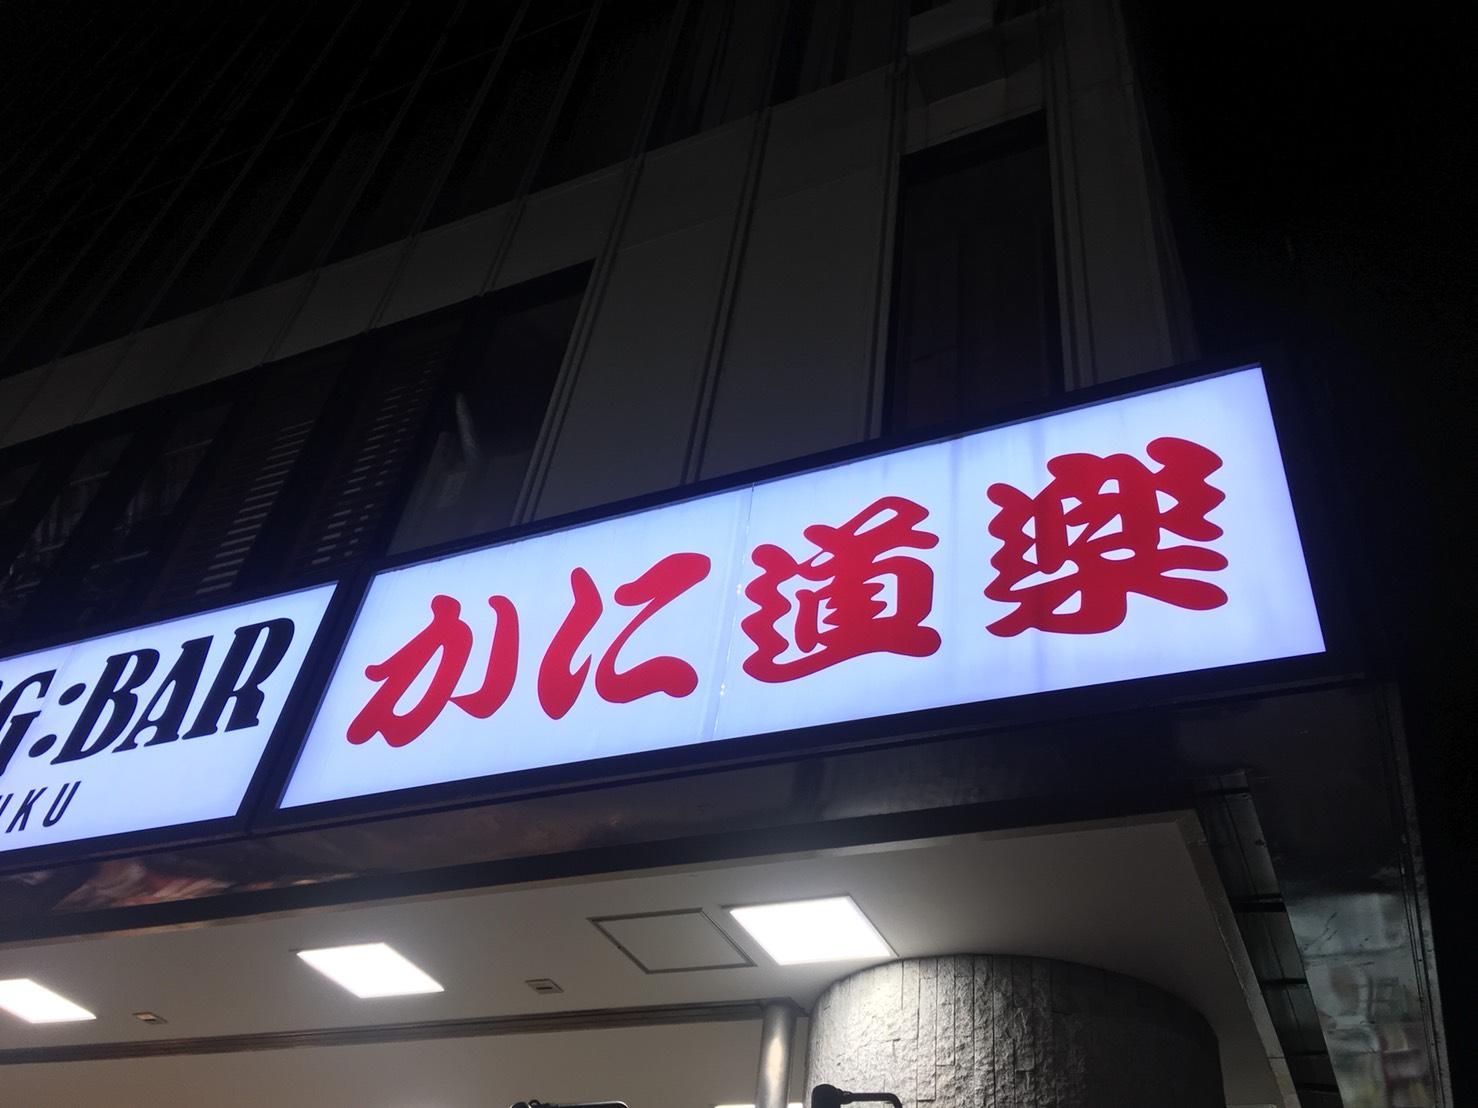 【新宿駅】贅の極み!蟹ざんまいで蟹に溺れる贅沢体験!豪華絢爛な「かに道楽」の看板